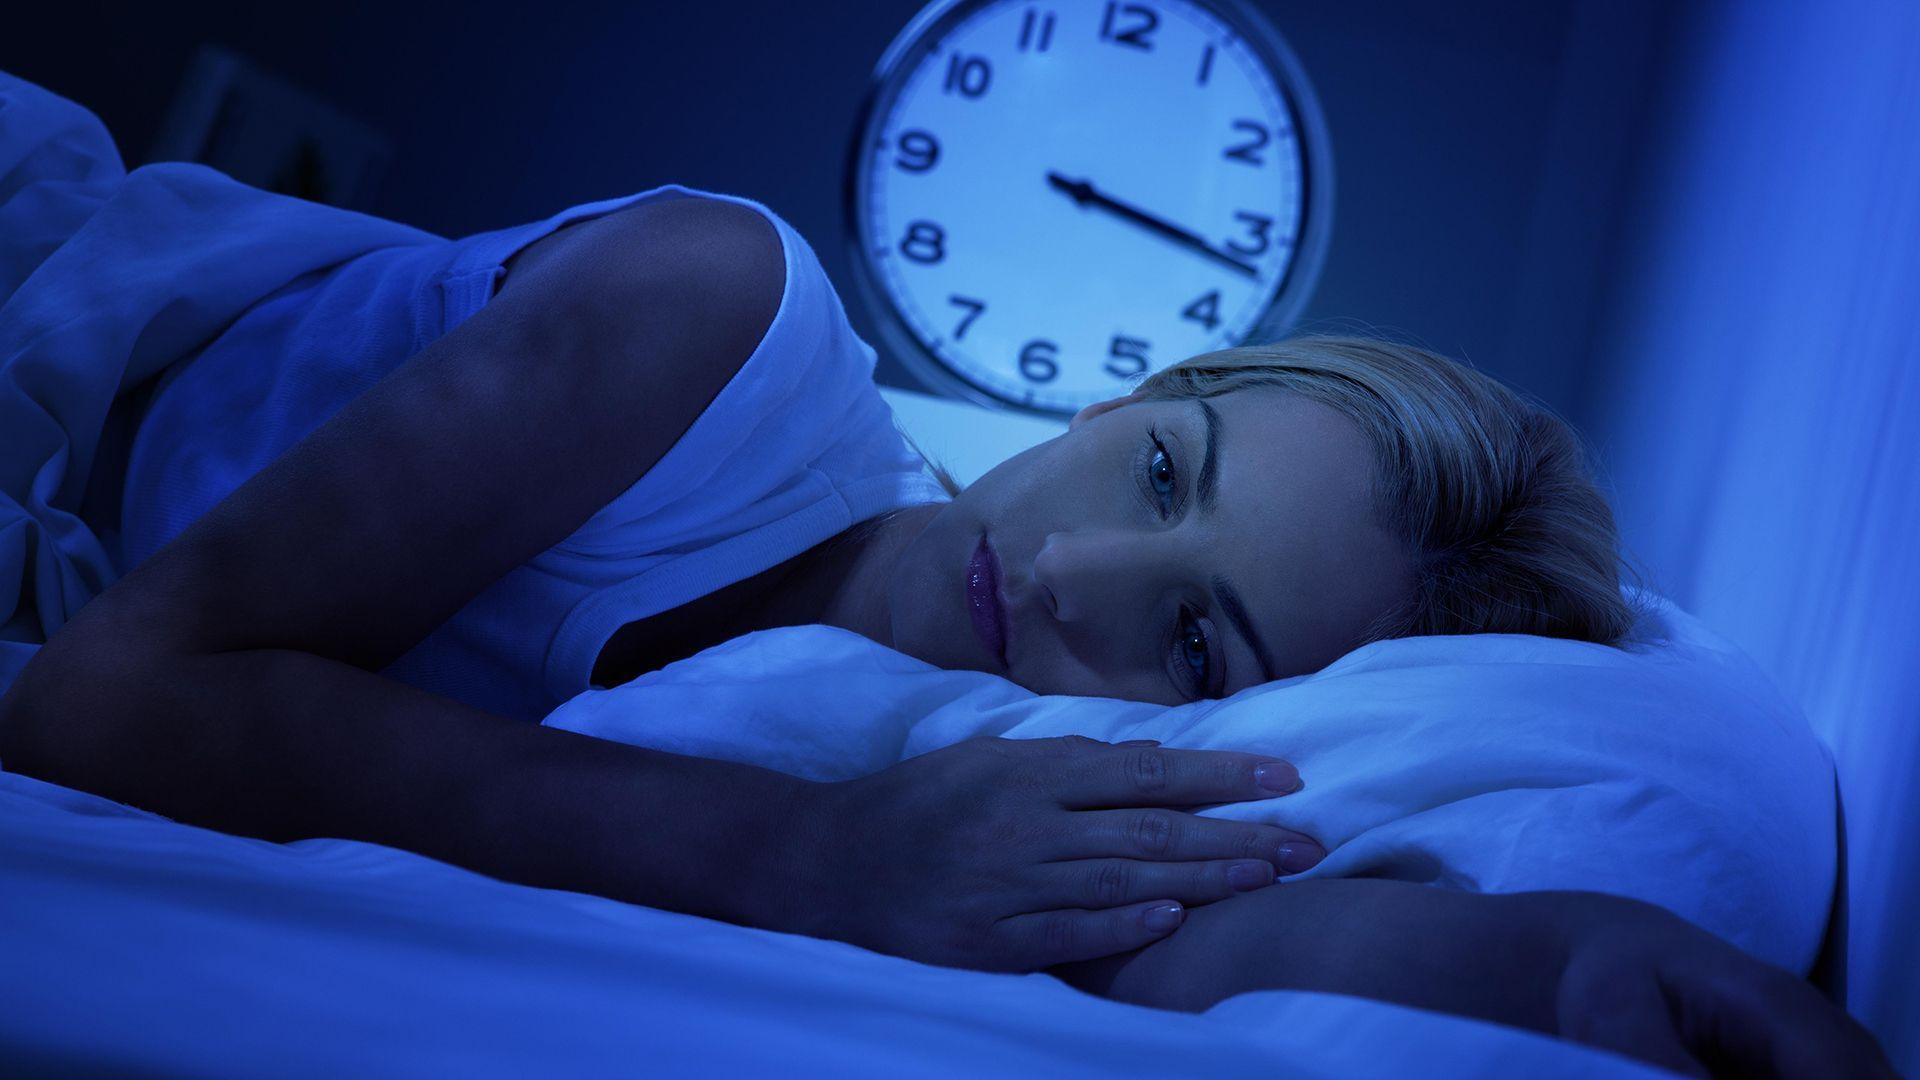 wat te doen tegen slapeloosheid